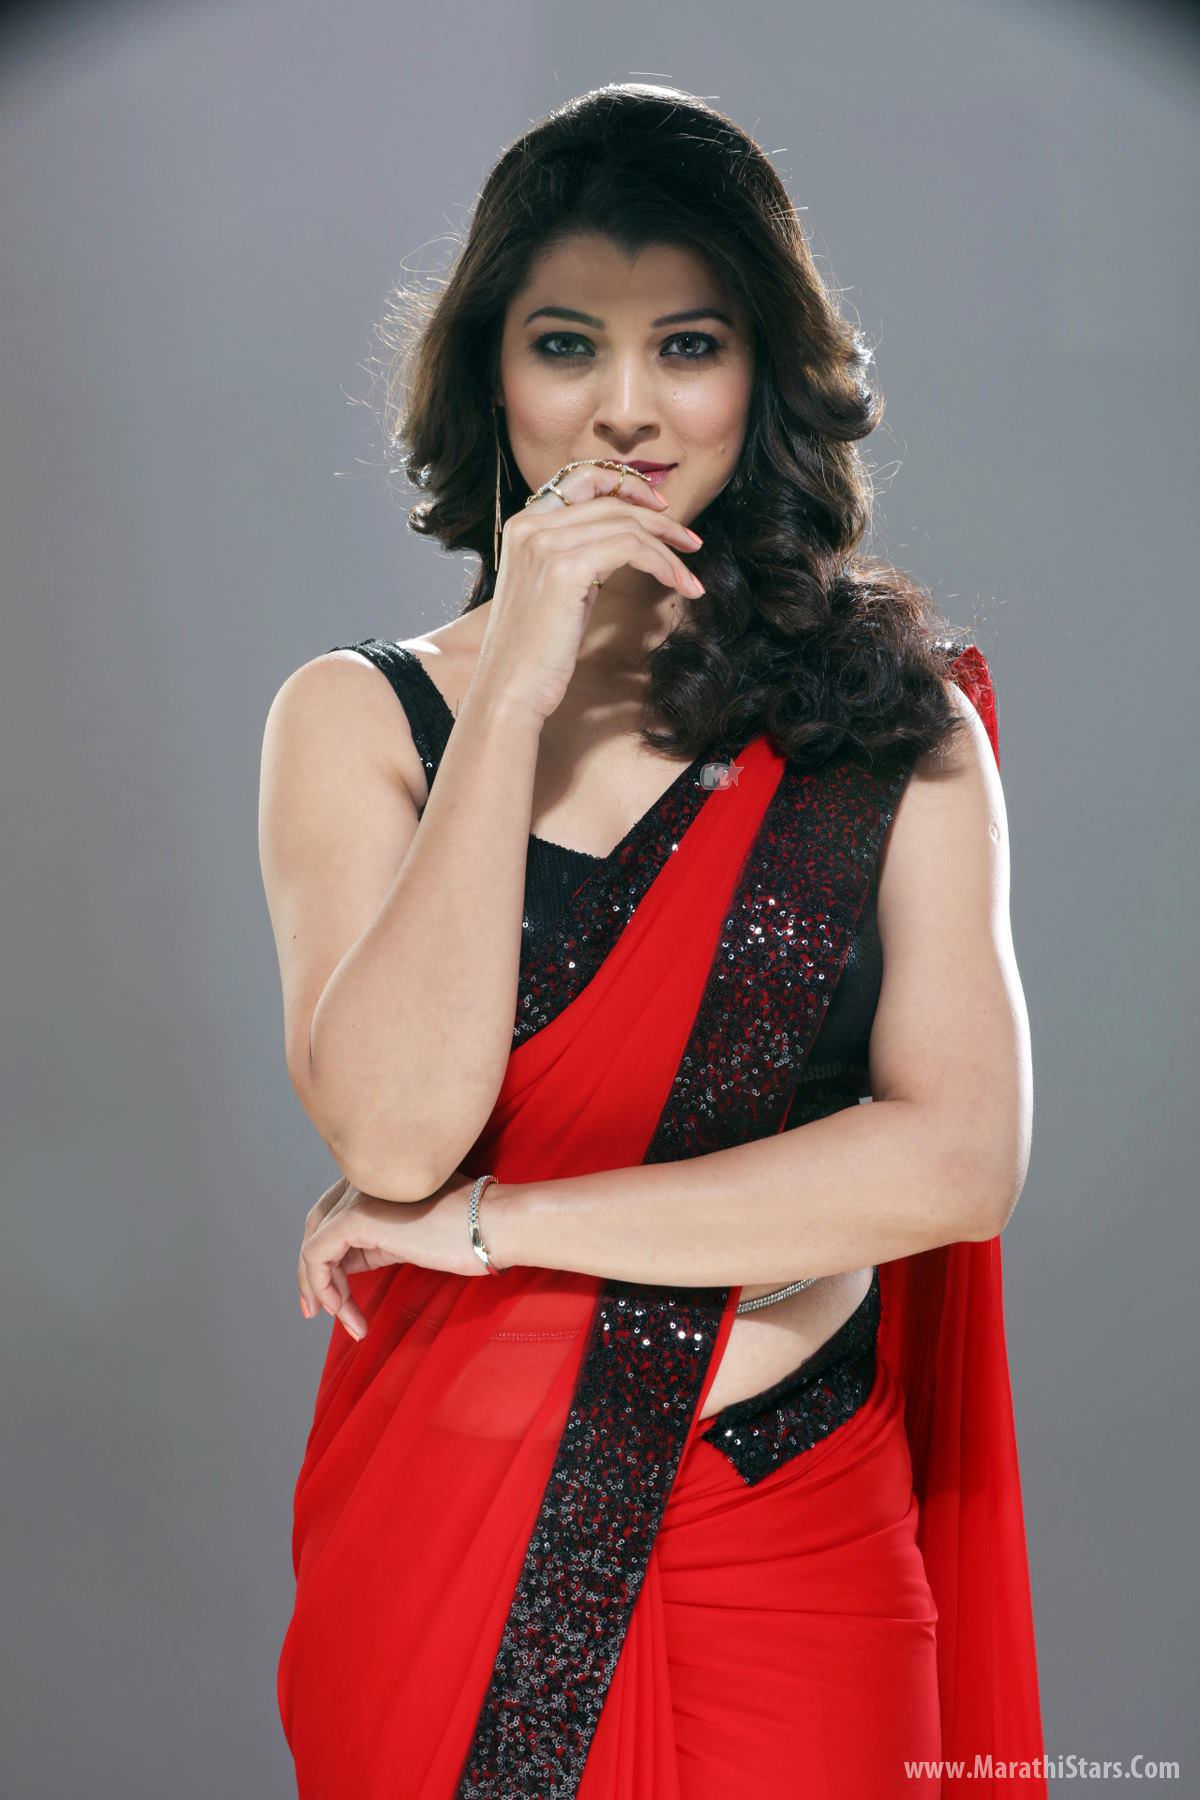 Tejaswini Pandit Marathi Actress Photos Biography Images